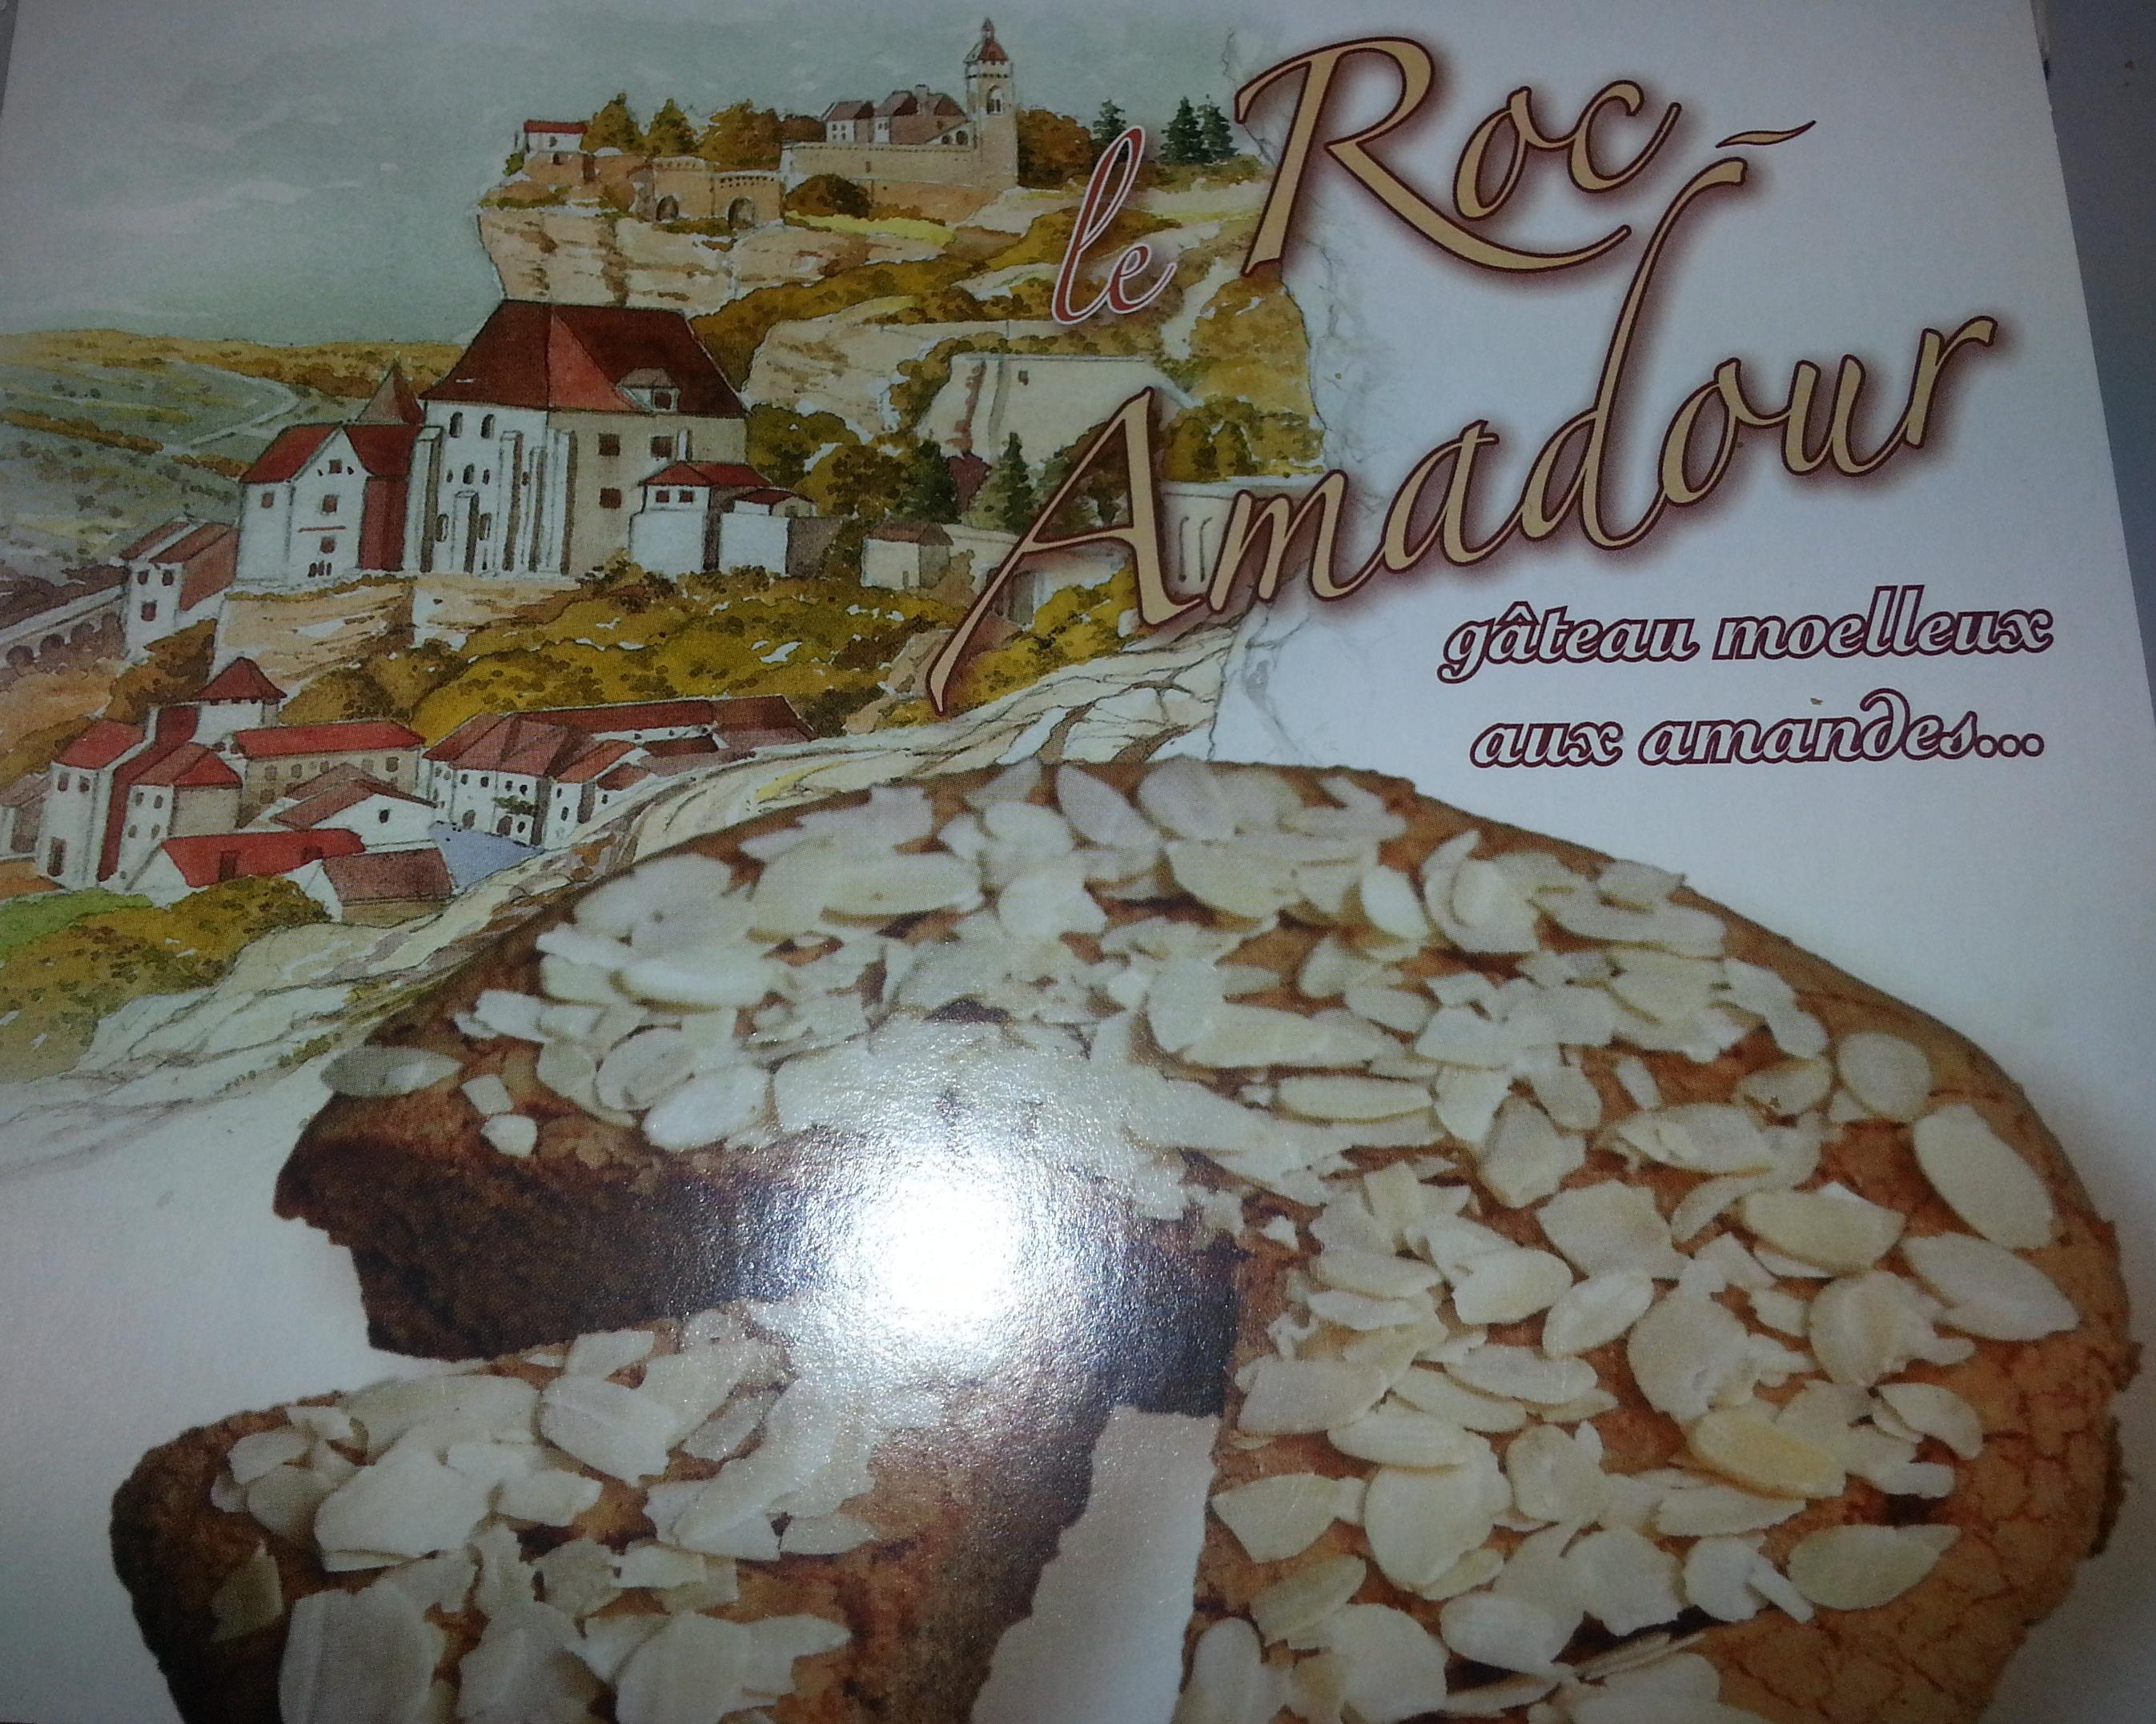 Gâteau moelleux aux amandes - Product